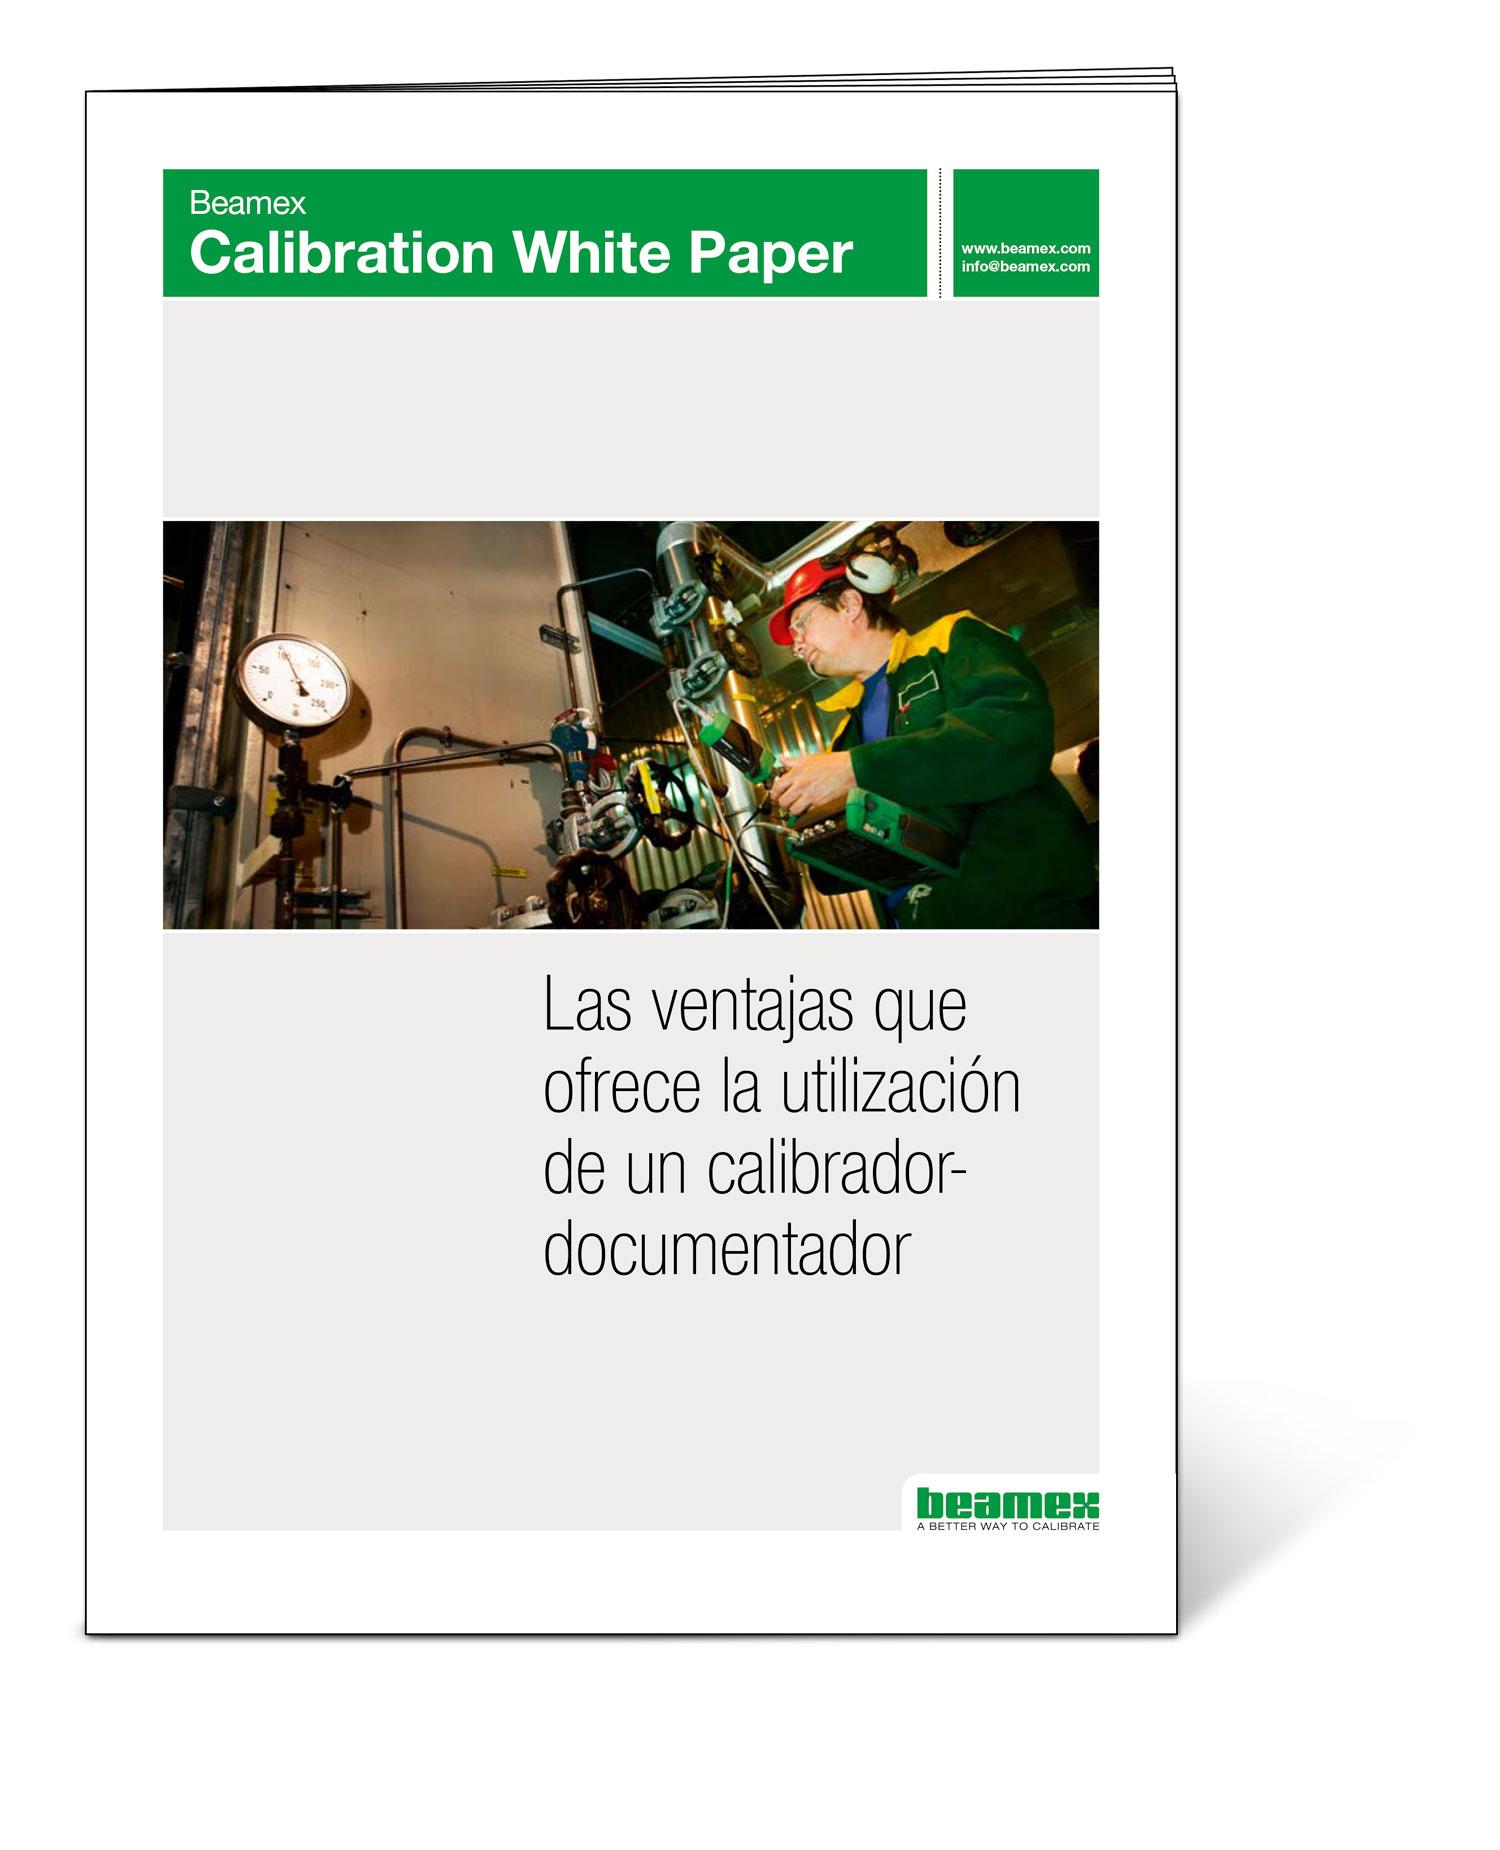 Beamex-WP-Benefits-of-doc-calibrators-ESP-1500px-v1.jpg